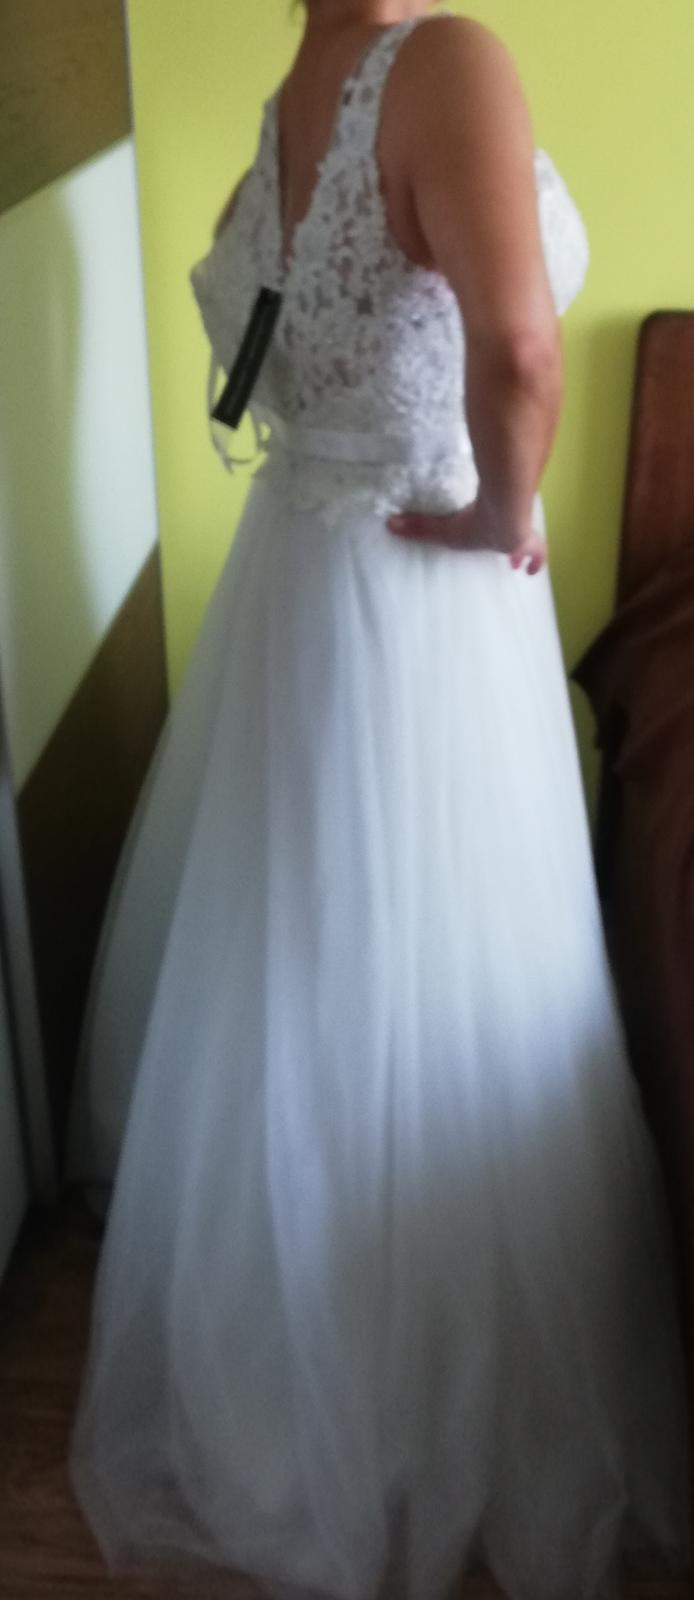 Nové Svatební šaty Luxuar Limited vel. 38 sedne taky vel.36 - Obrázek č. 4